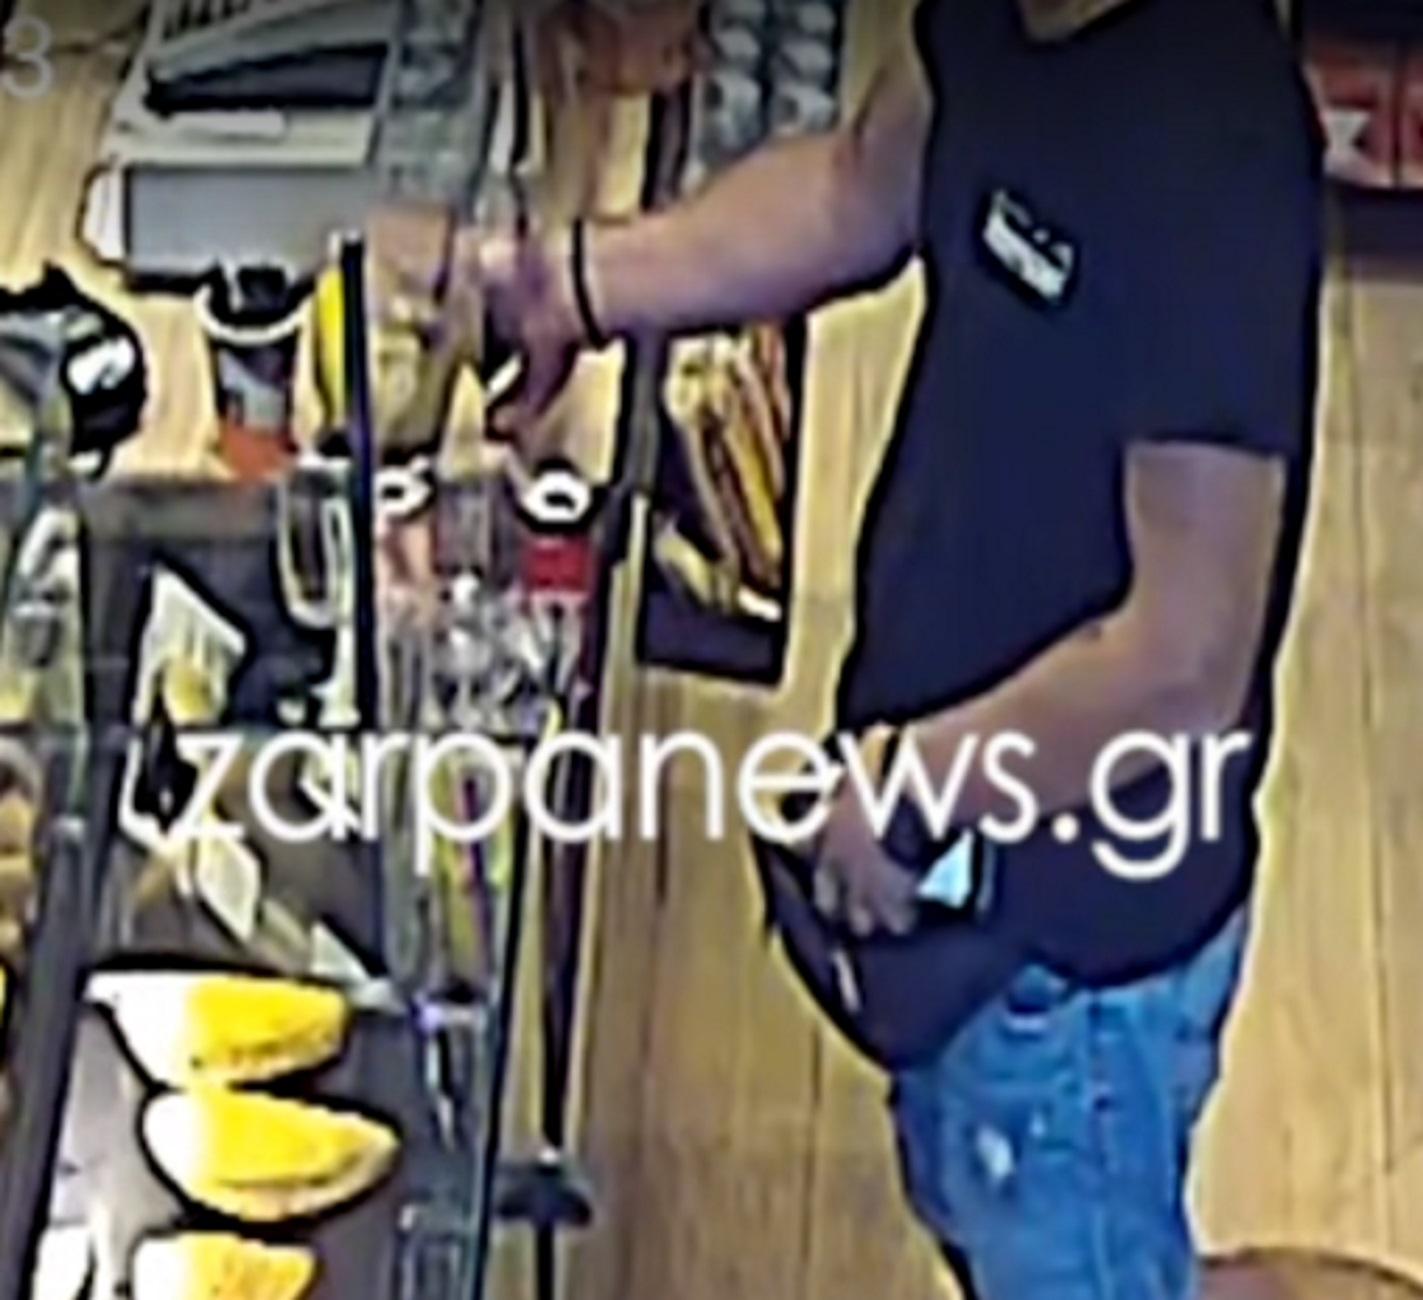 Χανιά: Το… παχουλό γουρουνάκι του άνοιξε την όρεξη! Δείτε το βίντεο ντοκουμέντο μέσα από το κατάστημα